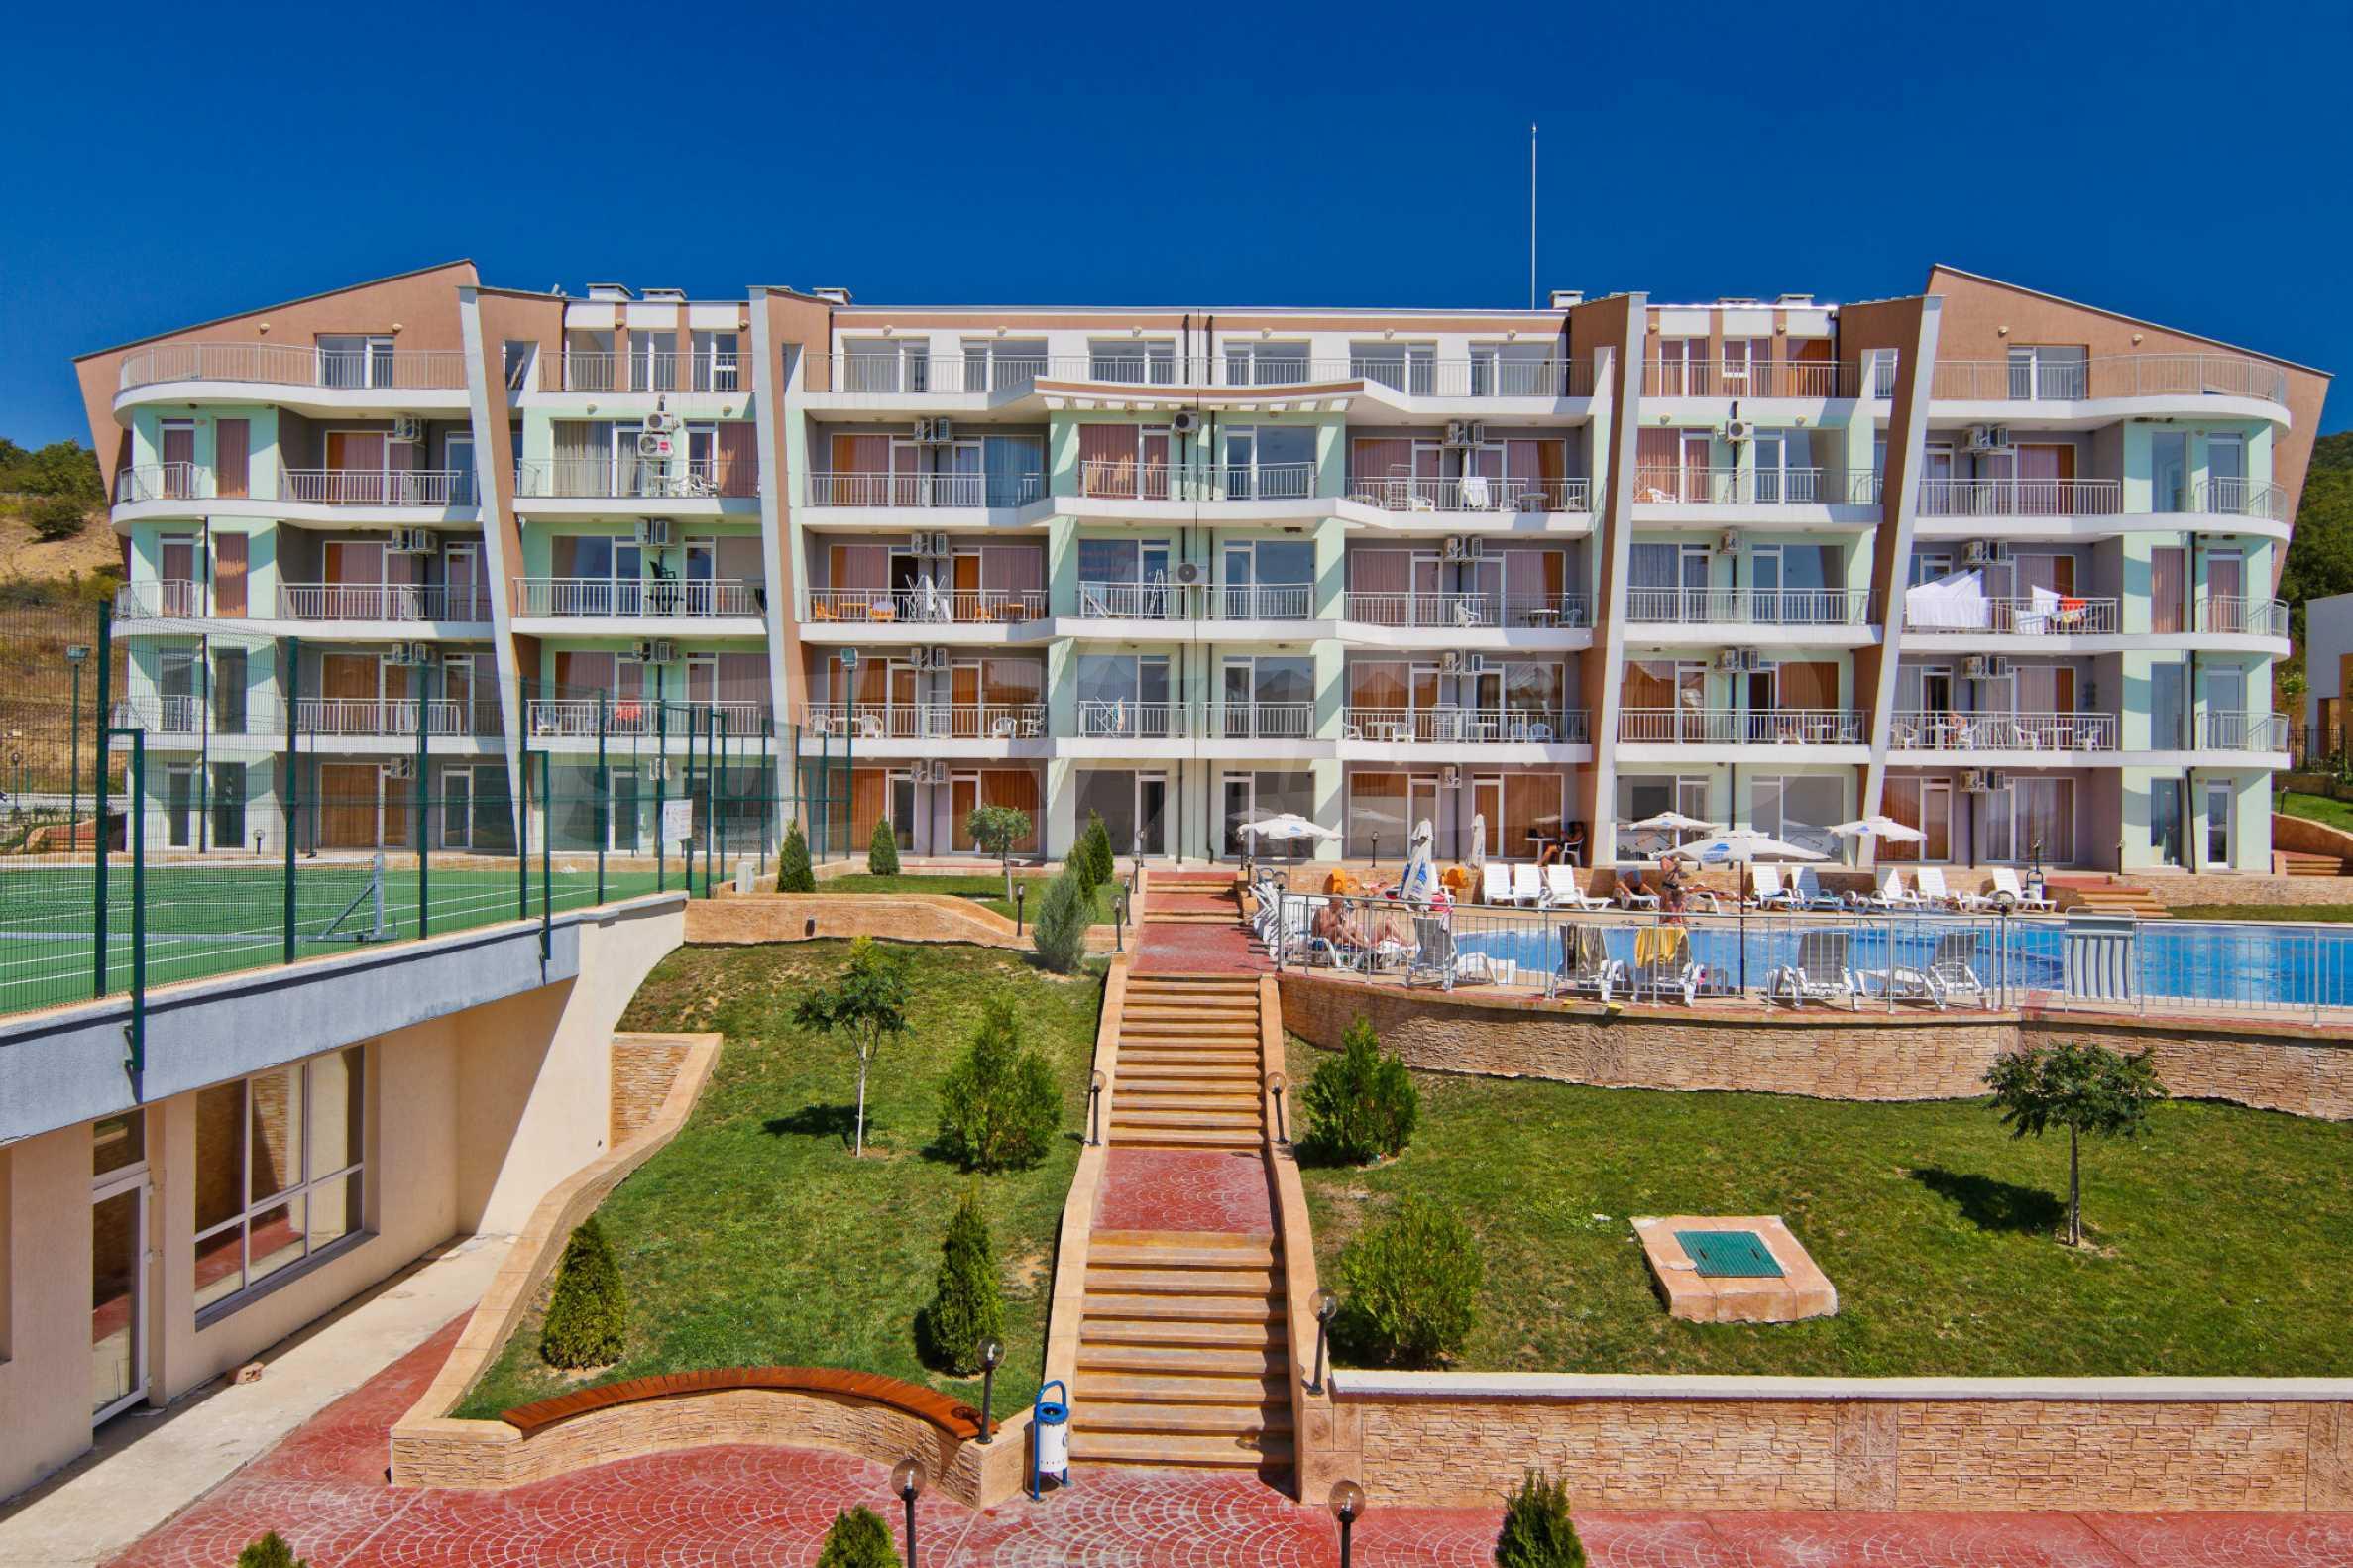 Sunset Kosharitsa - Apartments in einem attraktiven Berg- und Seekomplex, 5 Autominuten vom Sonnenstrand entfernt 4